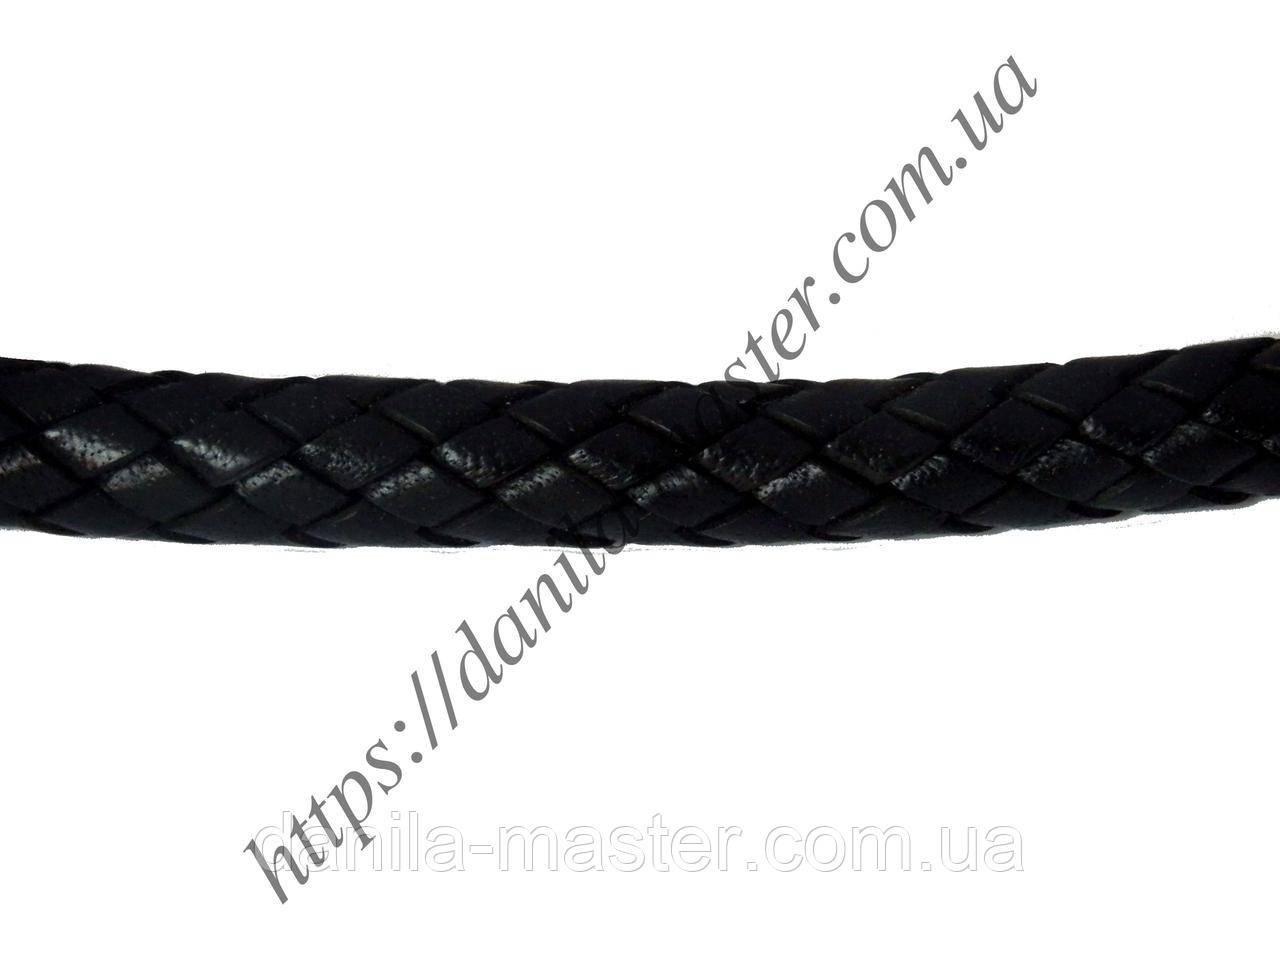 Шнур шкіряний чорний (плетений) (d=9,0 мм)